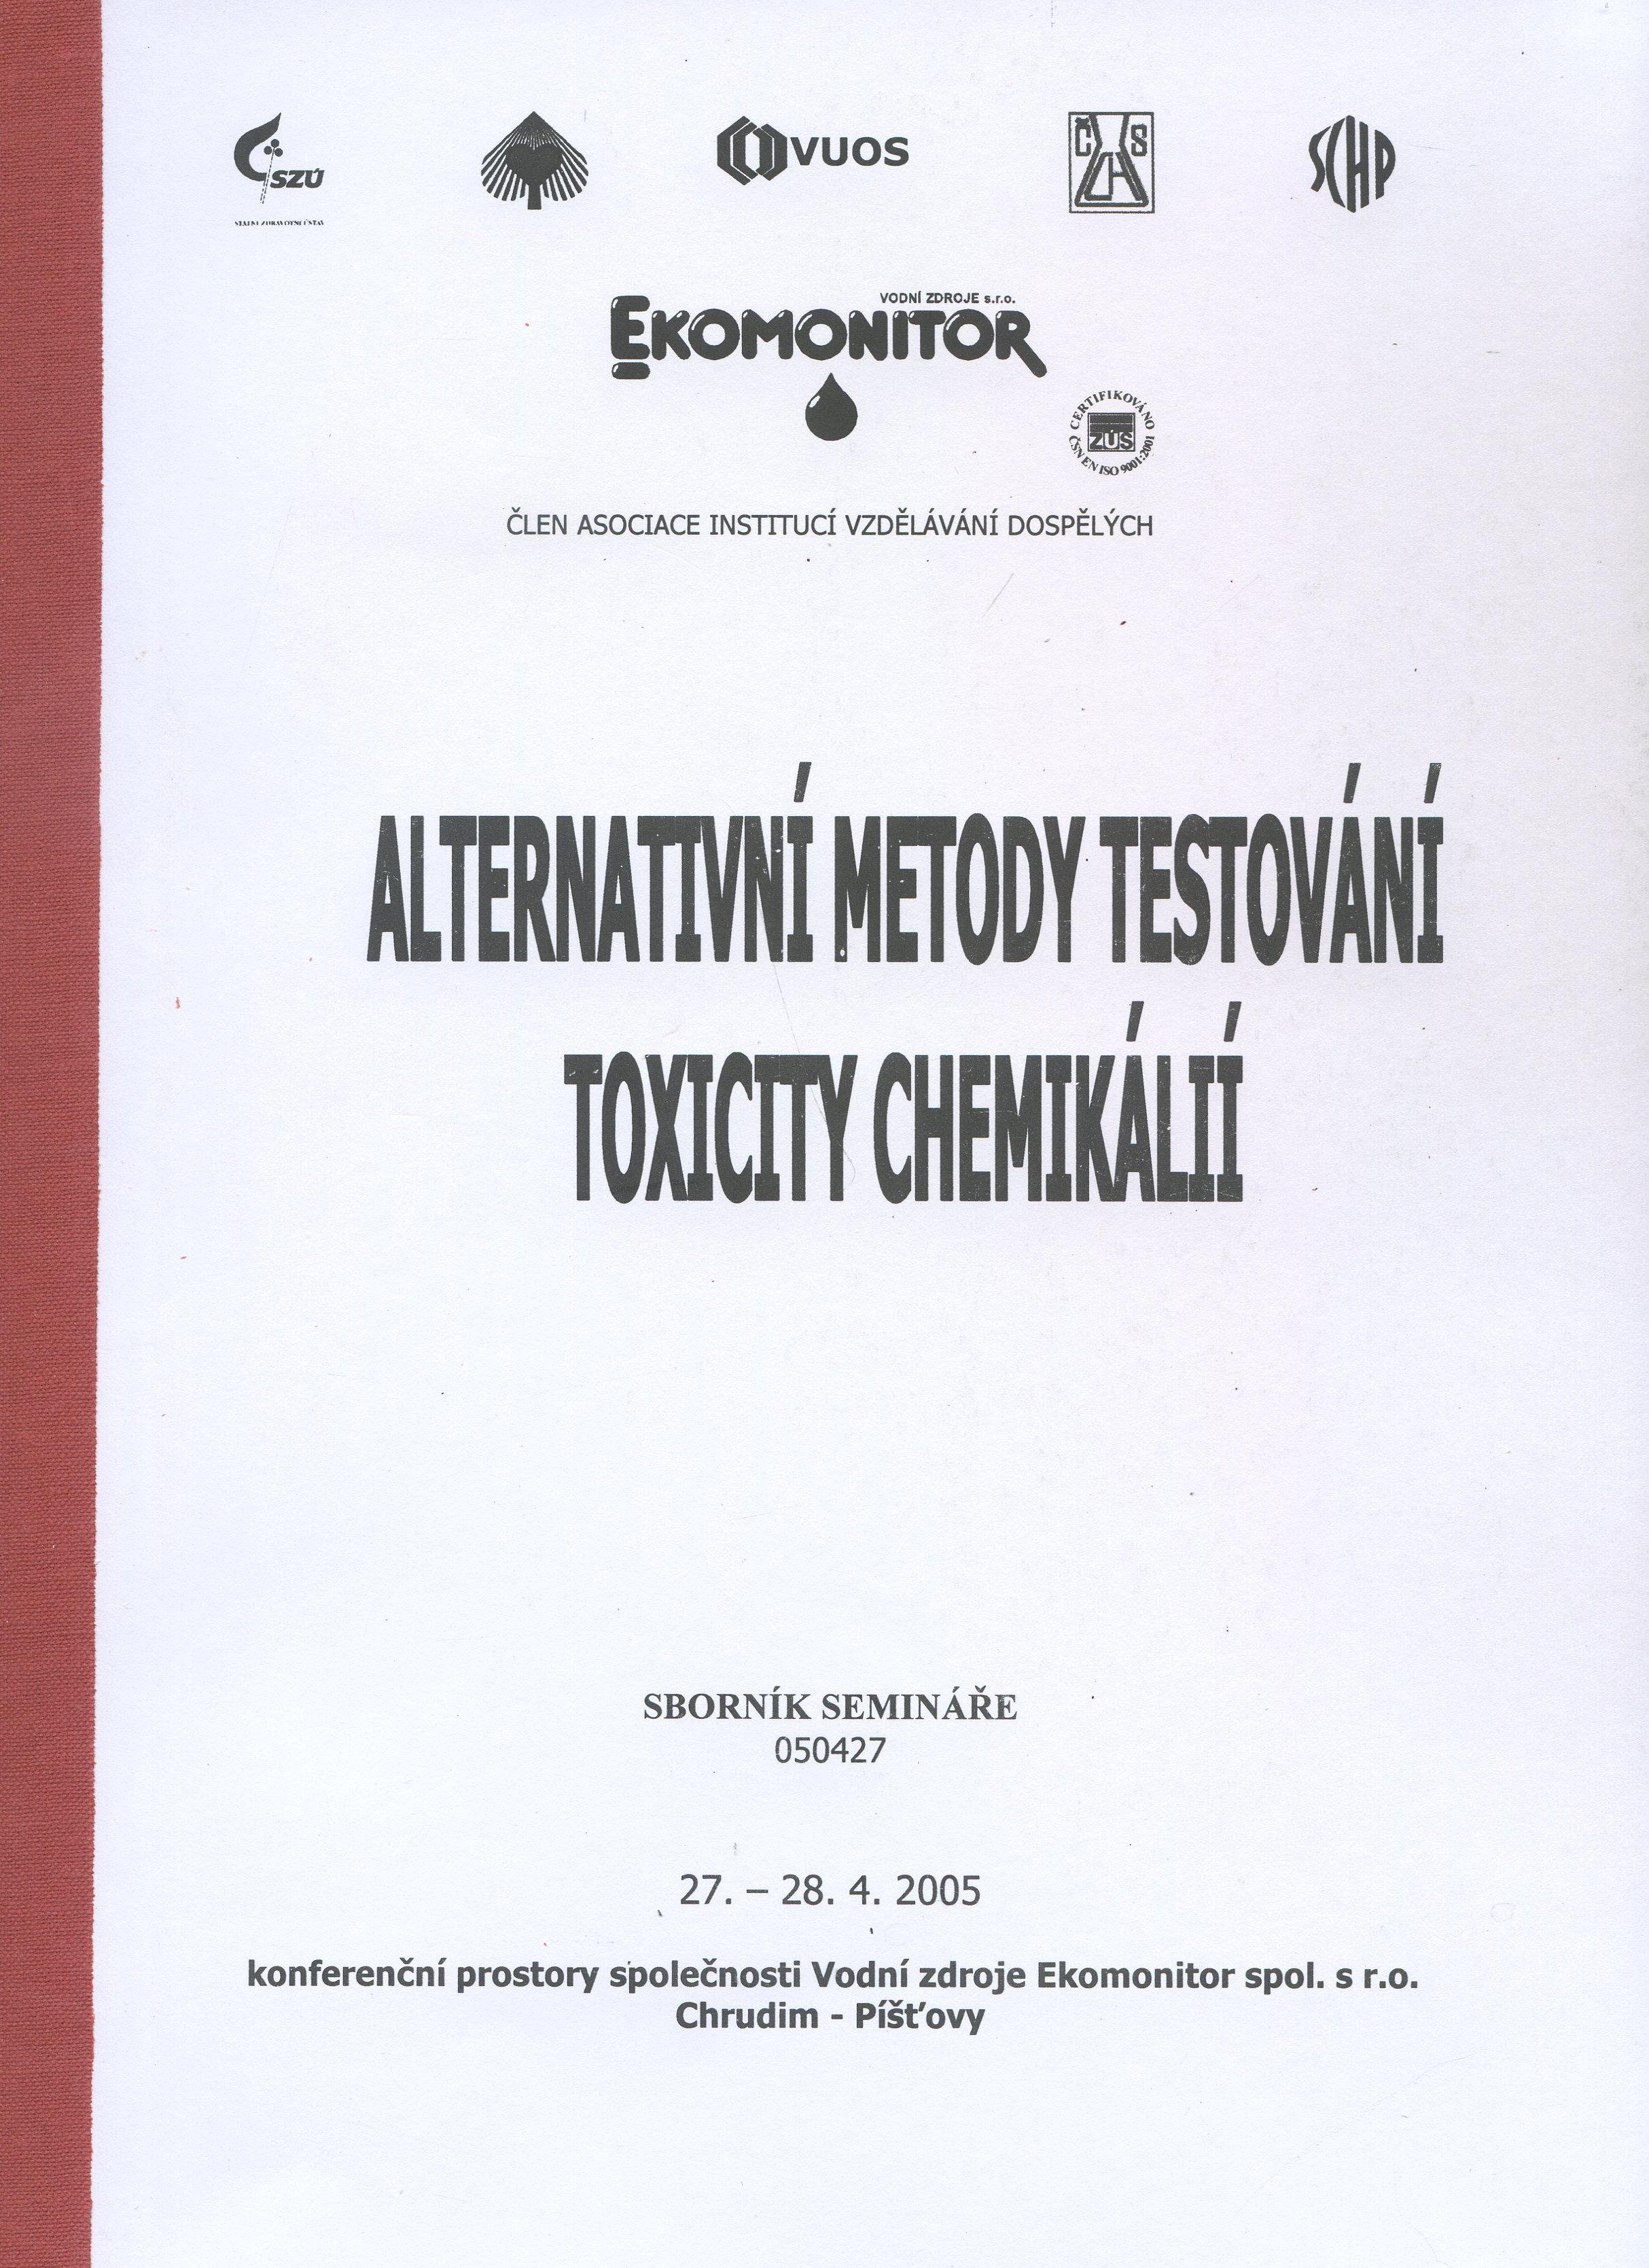 Alternativní metody testování toxicity chemikálií - Sborník semináře